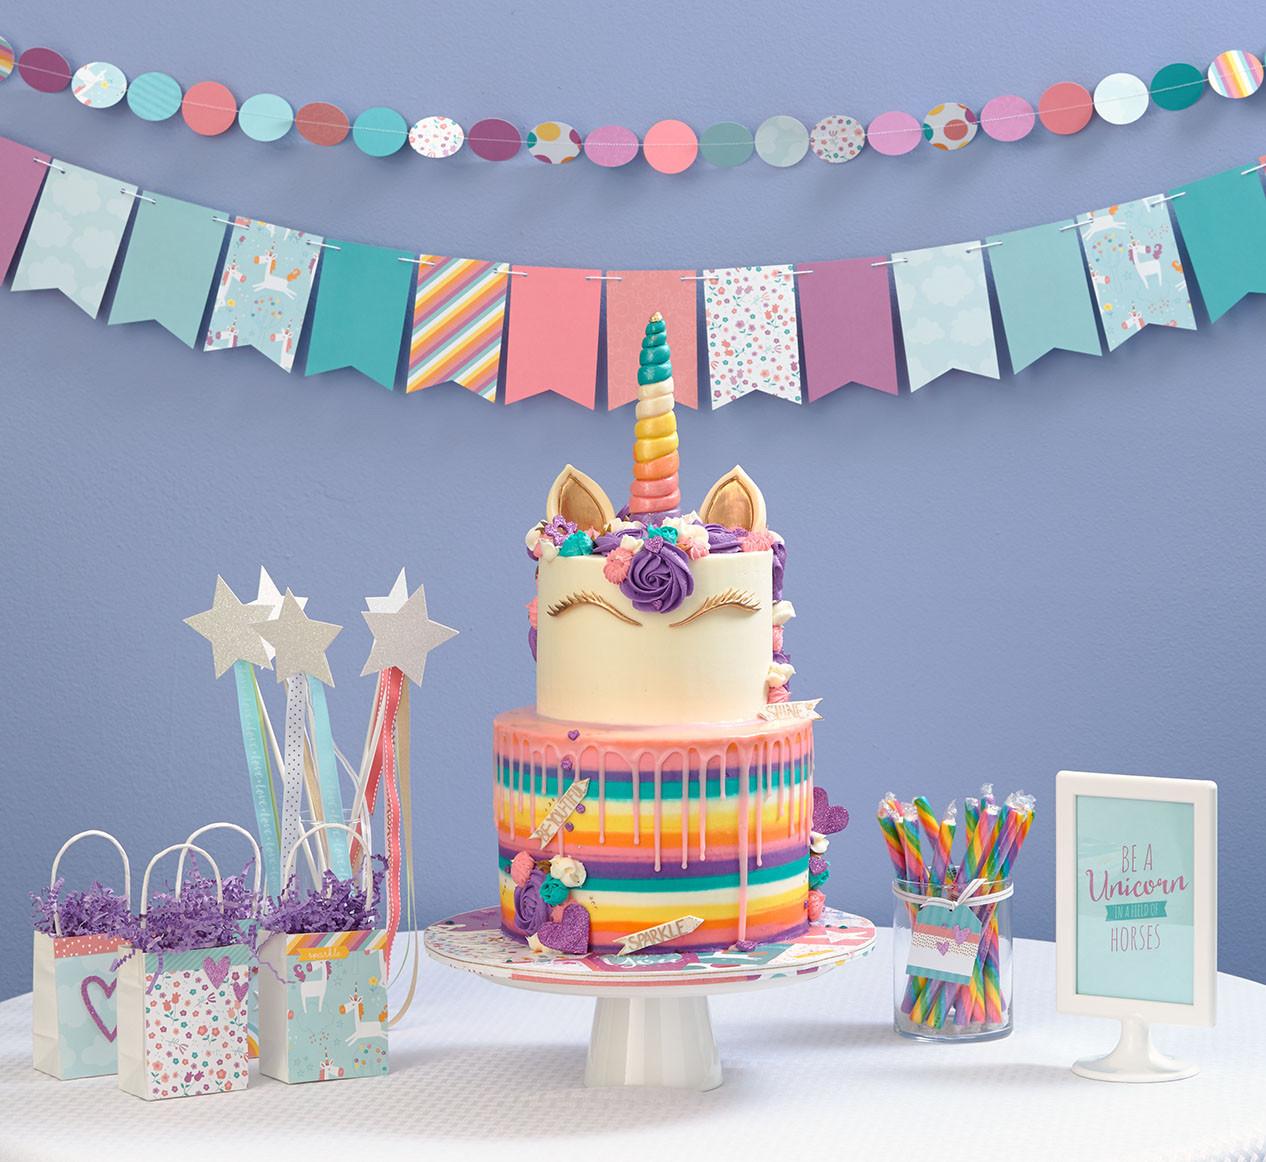 Unicorn Party Centerpiece Ideas  This Unicorn Party Takes the Cake